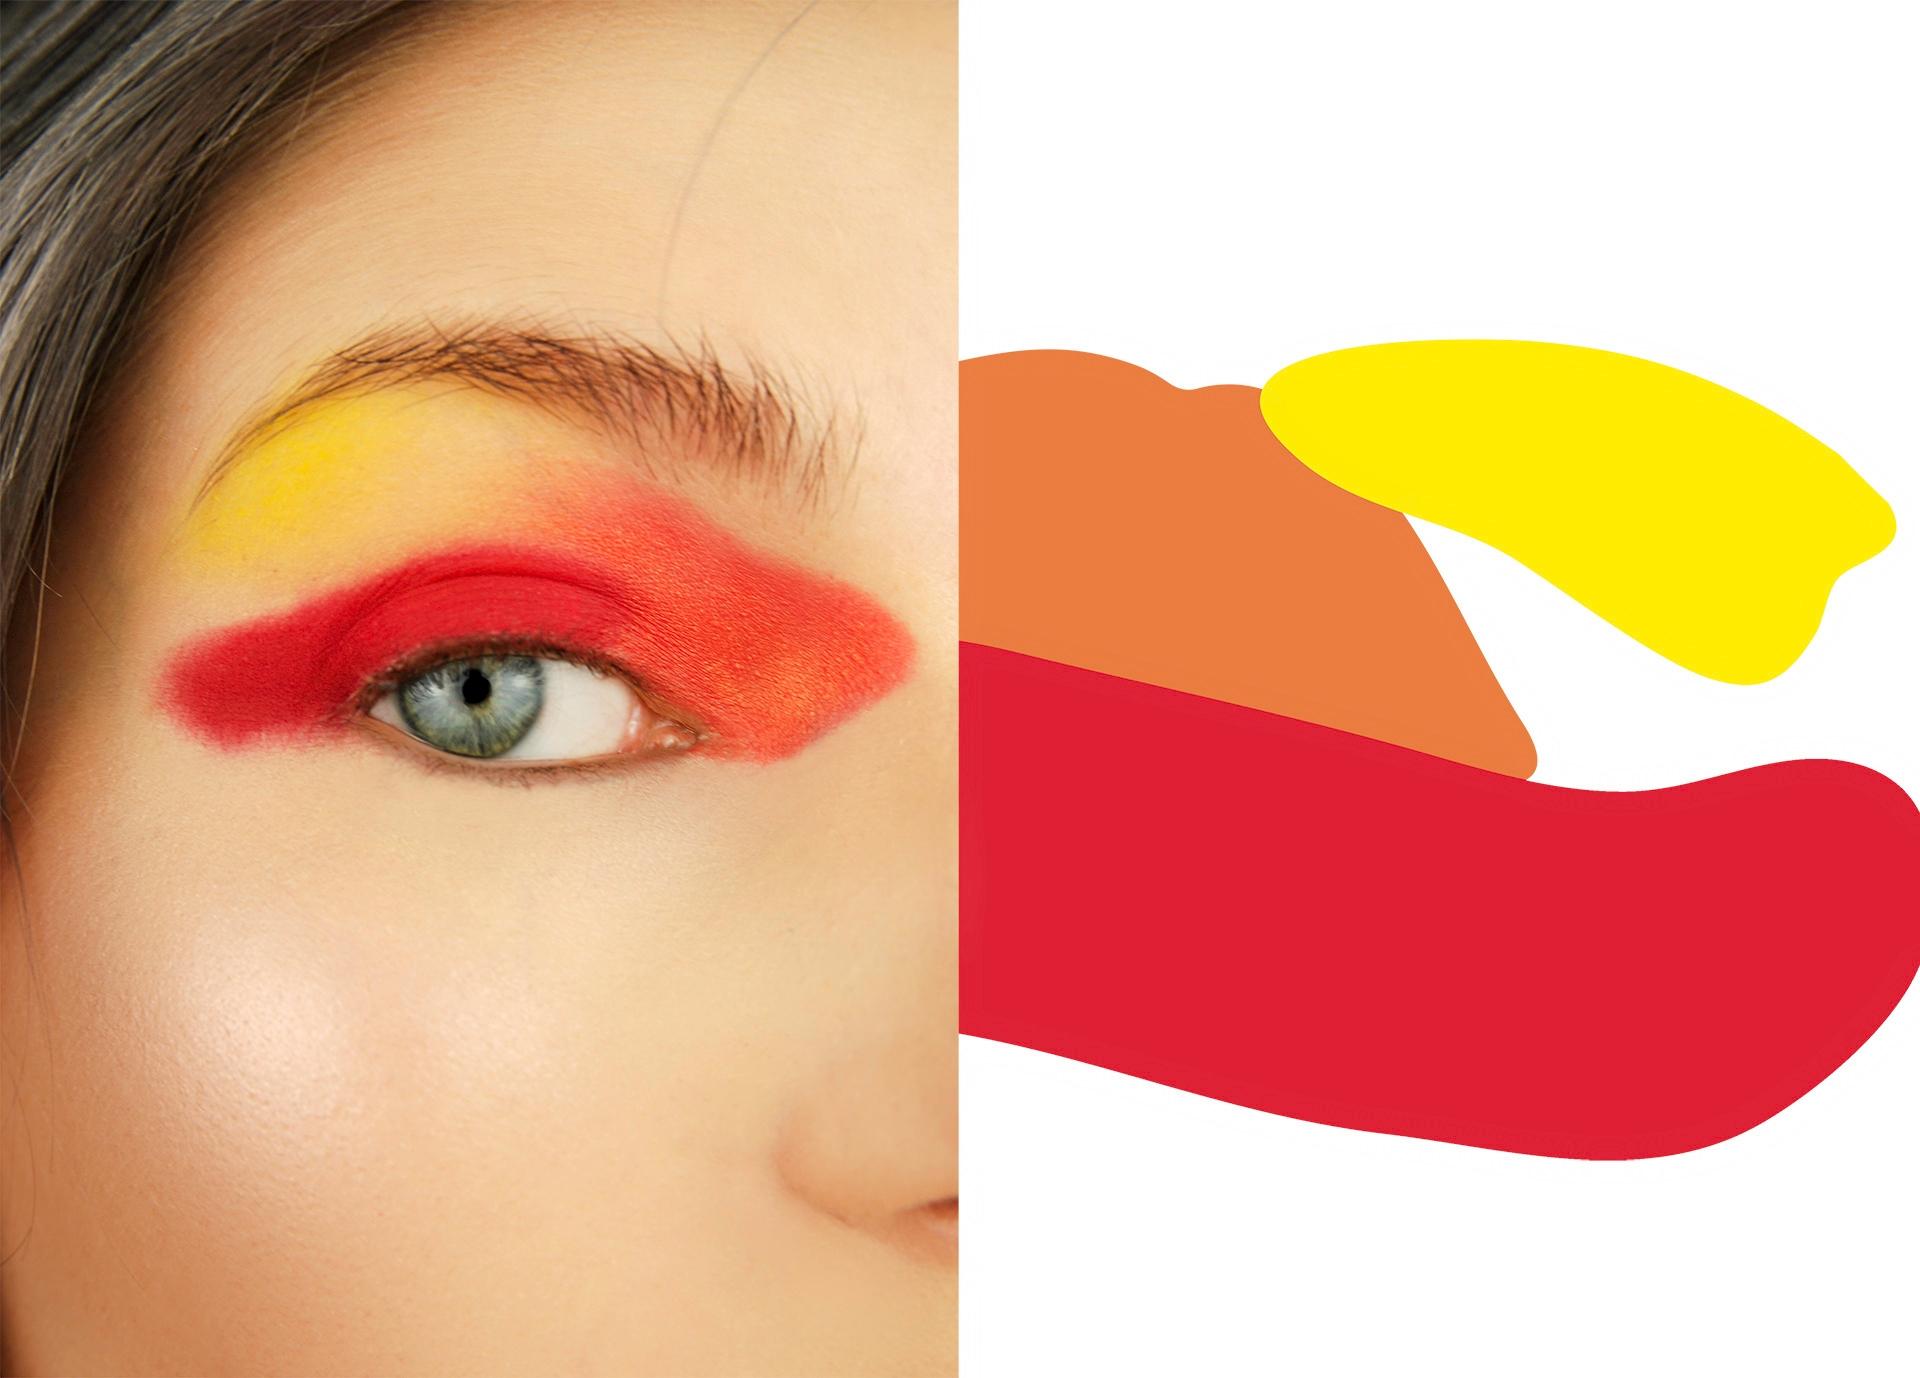 Obraz przedstawia plamy w kolorze czerwonym, pomarańczowym i żółtym oraz makijaż oka w tych samych barwach.